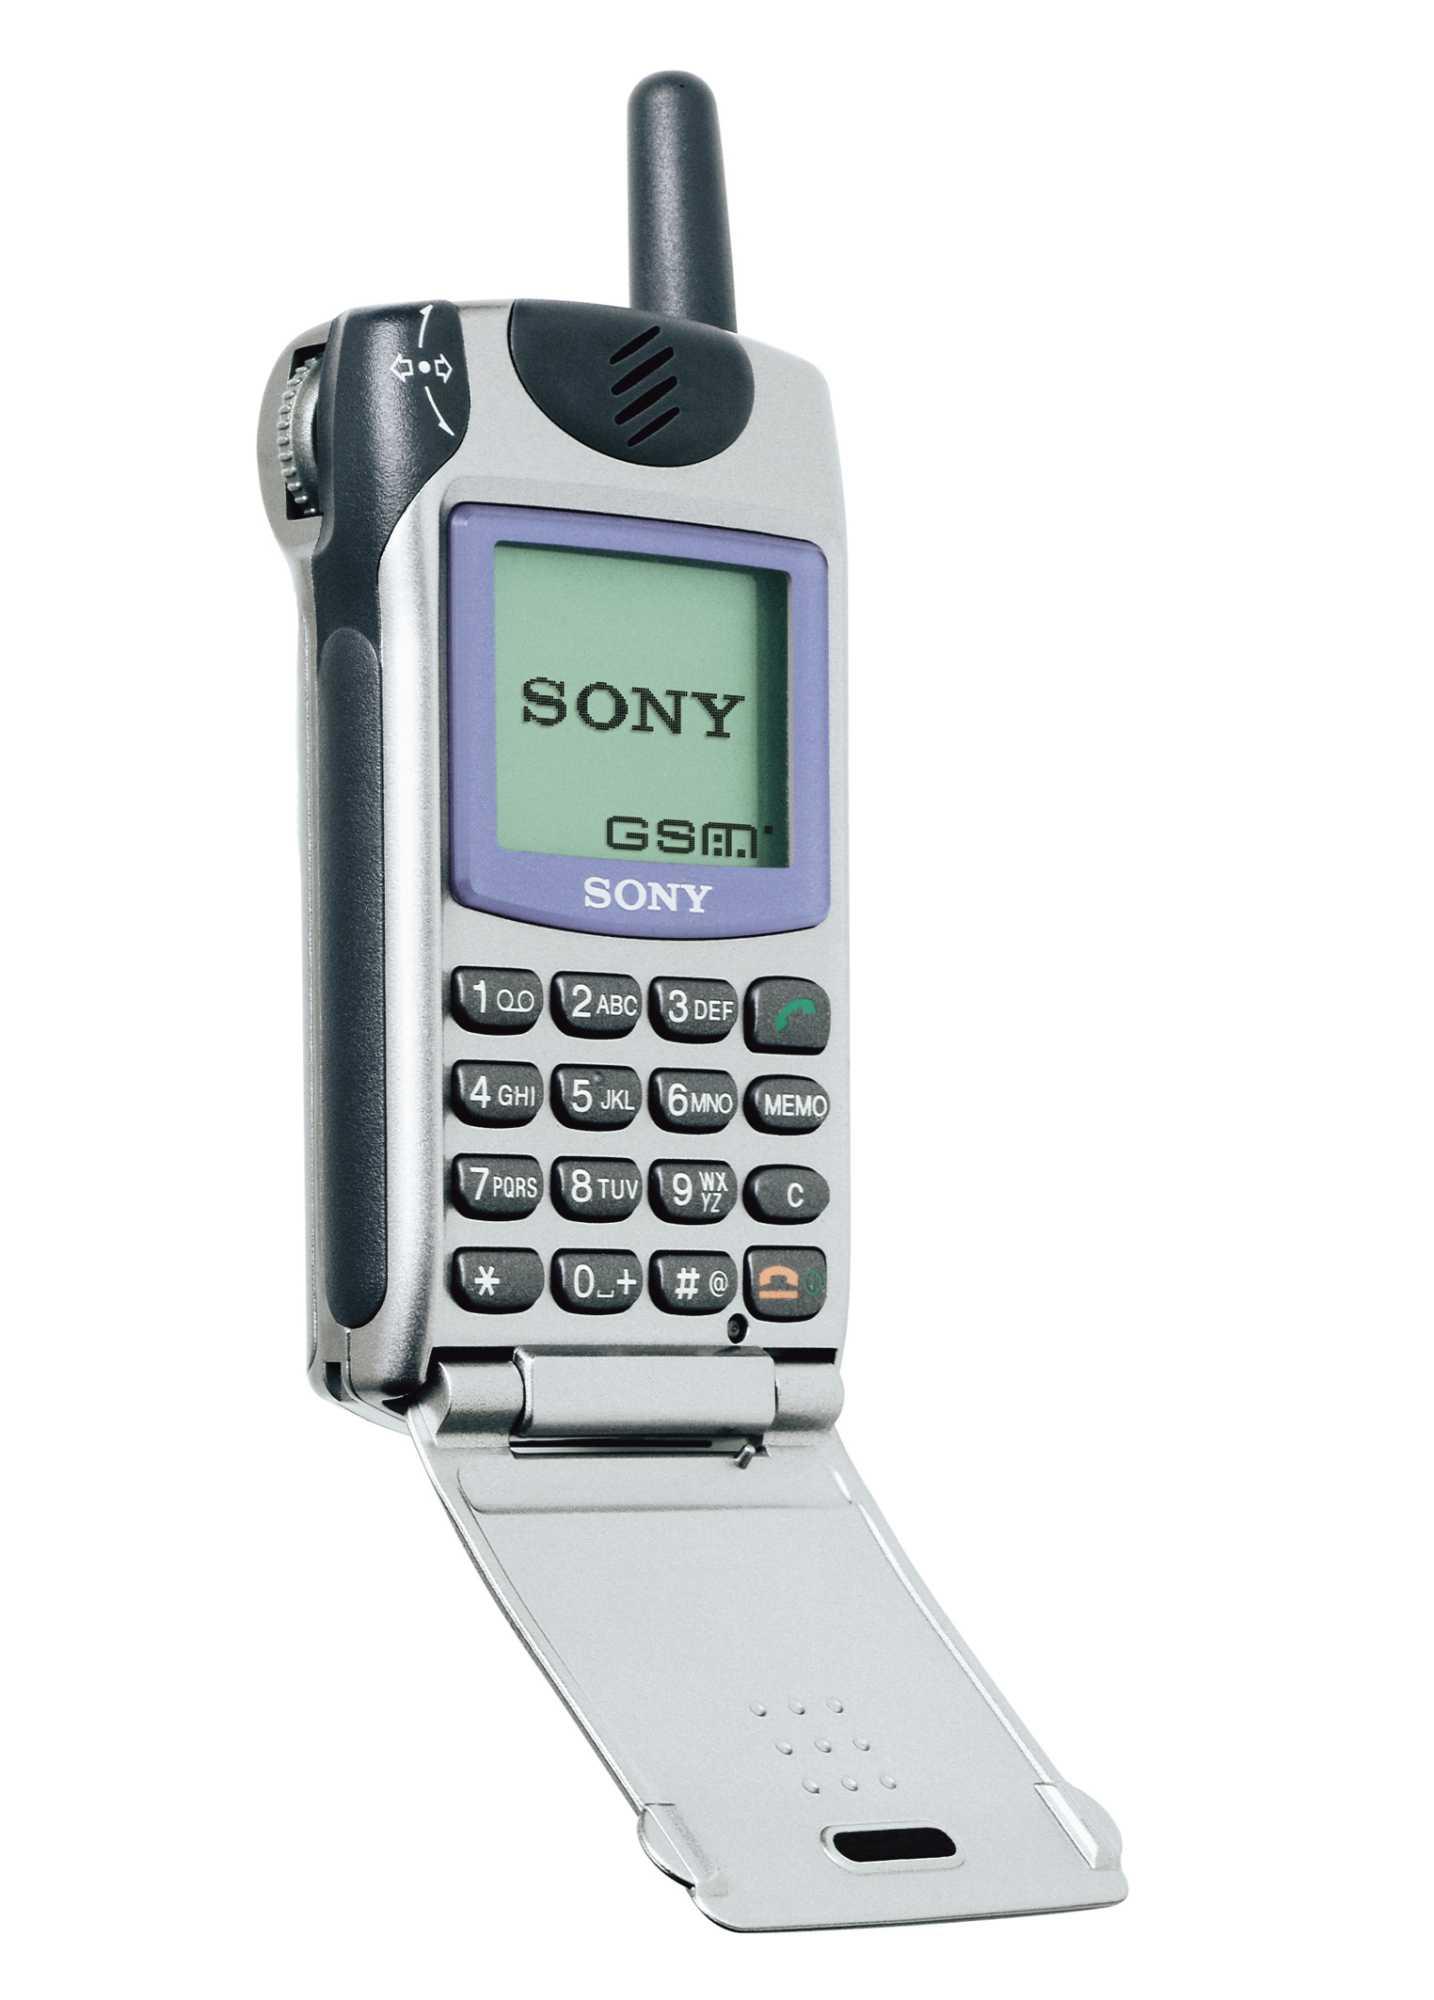 Ein Klassiker: das GSM-Mobiltelefon CMD-Z 5. Wie so oft war das Sony-Handy<br /> seinerzeit eines der kleinsten - und begehrtesten.